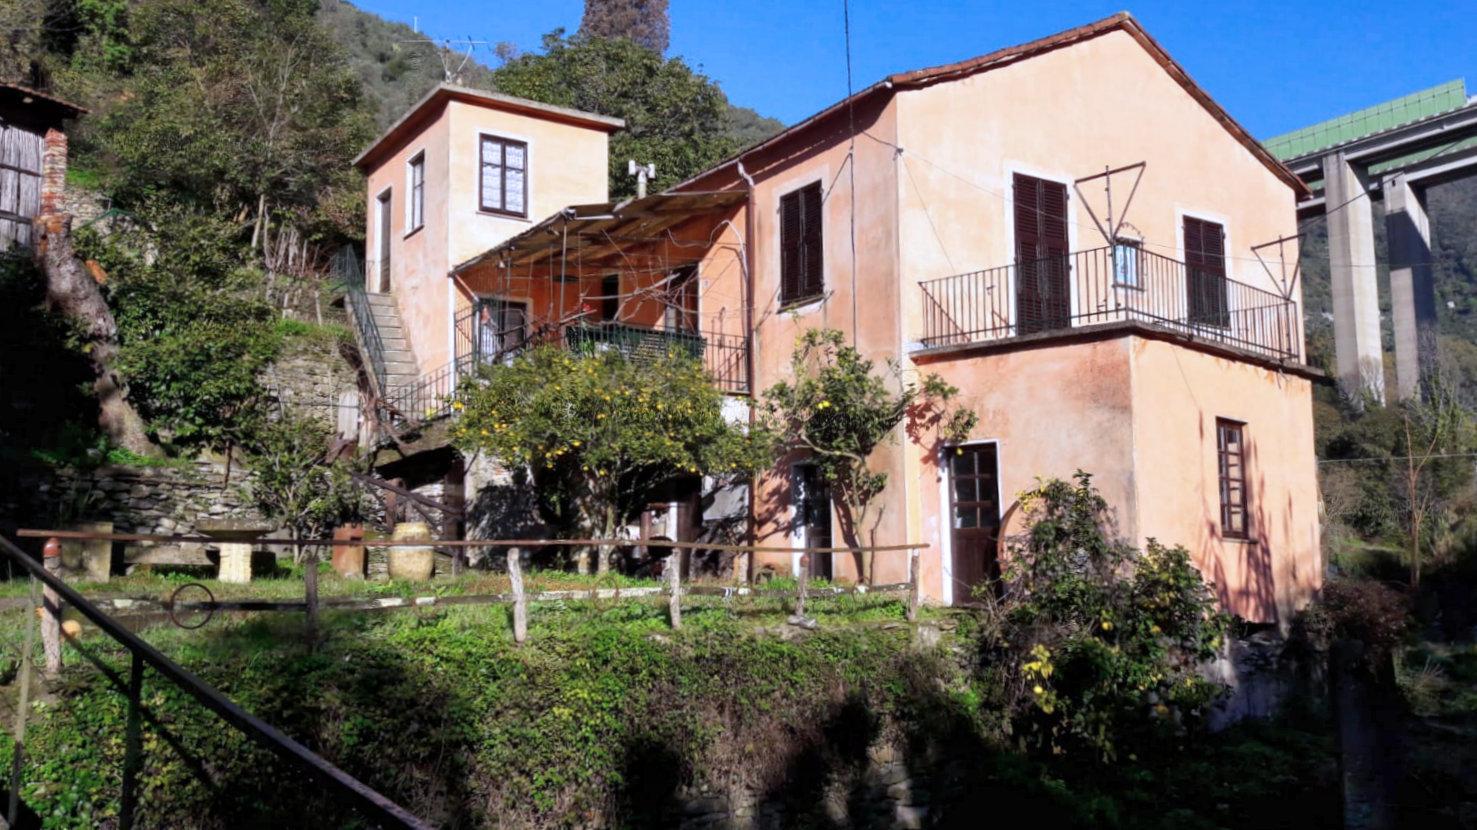 codice 08127 case casa indipendente in vendita a rapallo